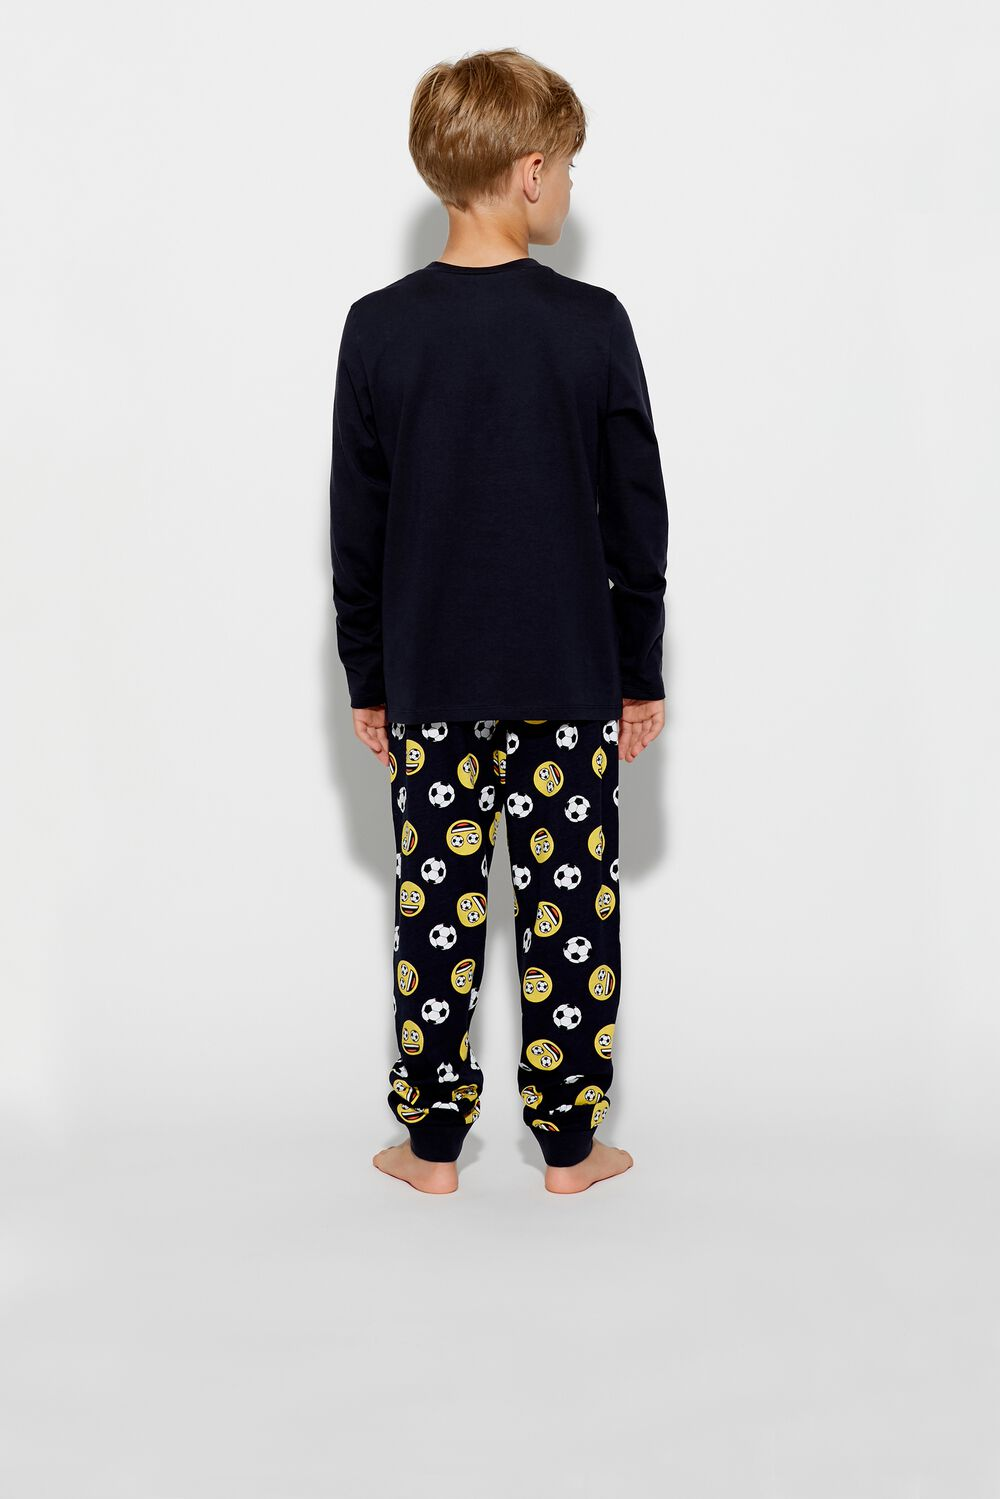 Dlhé Pyžamo s Emotikonmi Futbalovej Lopty